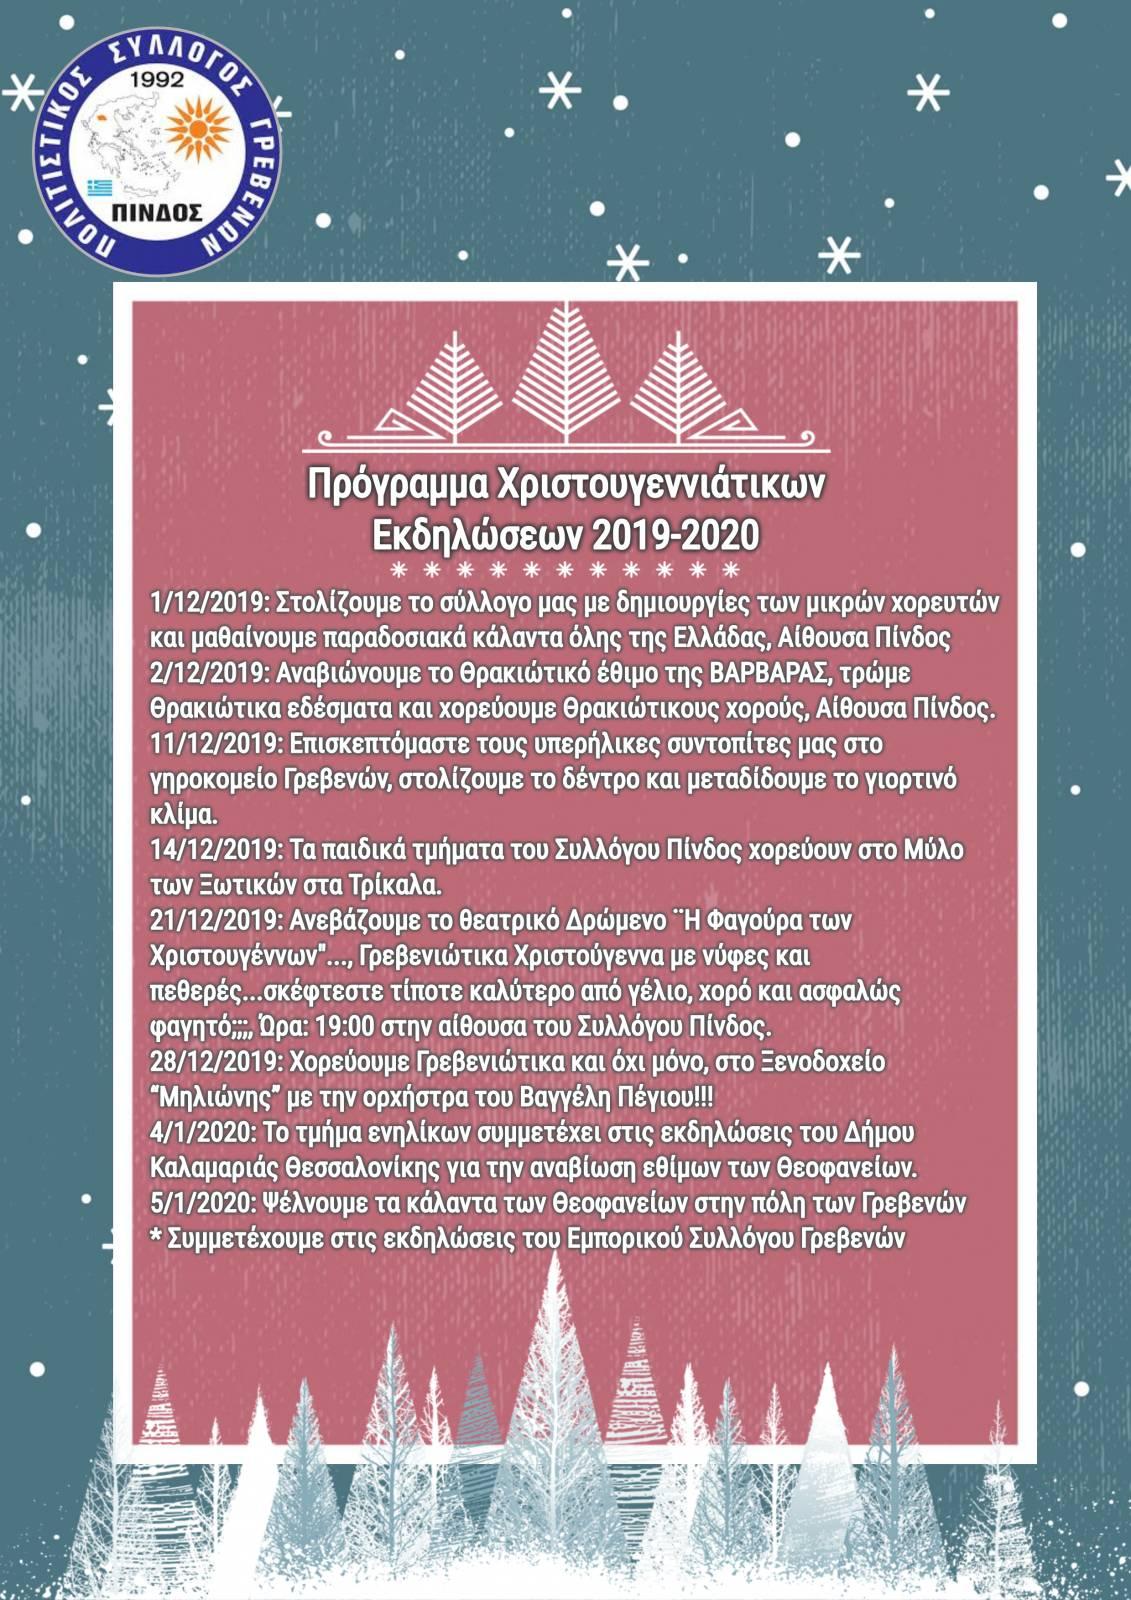 Το πρόγραμμα των Χριστουγεννιάτικων Εκδηλώσεων από τον Σύλλογο Πίνδος Γρεβενών